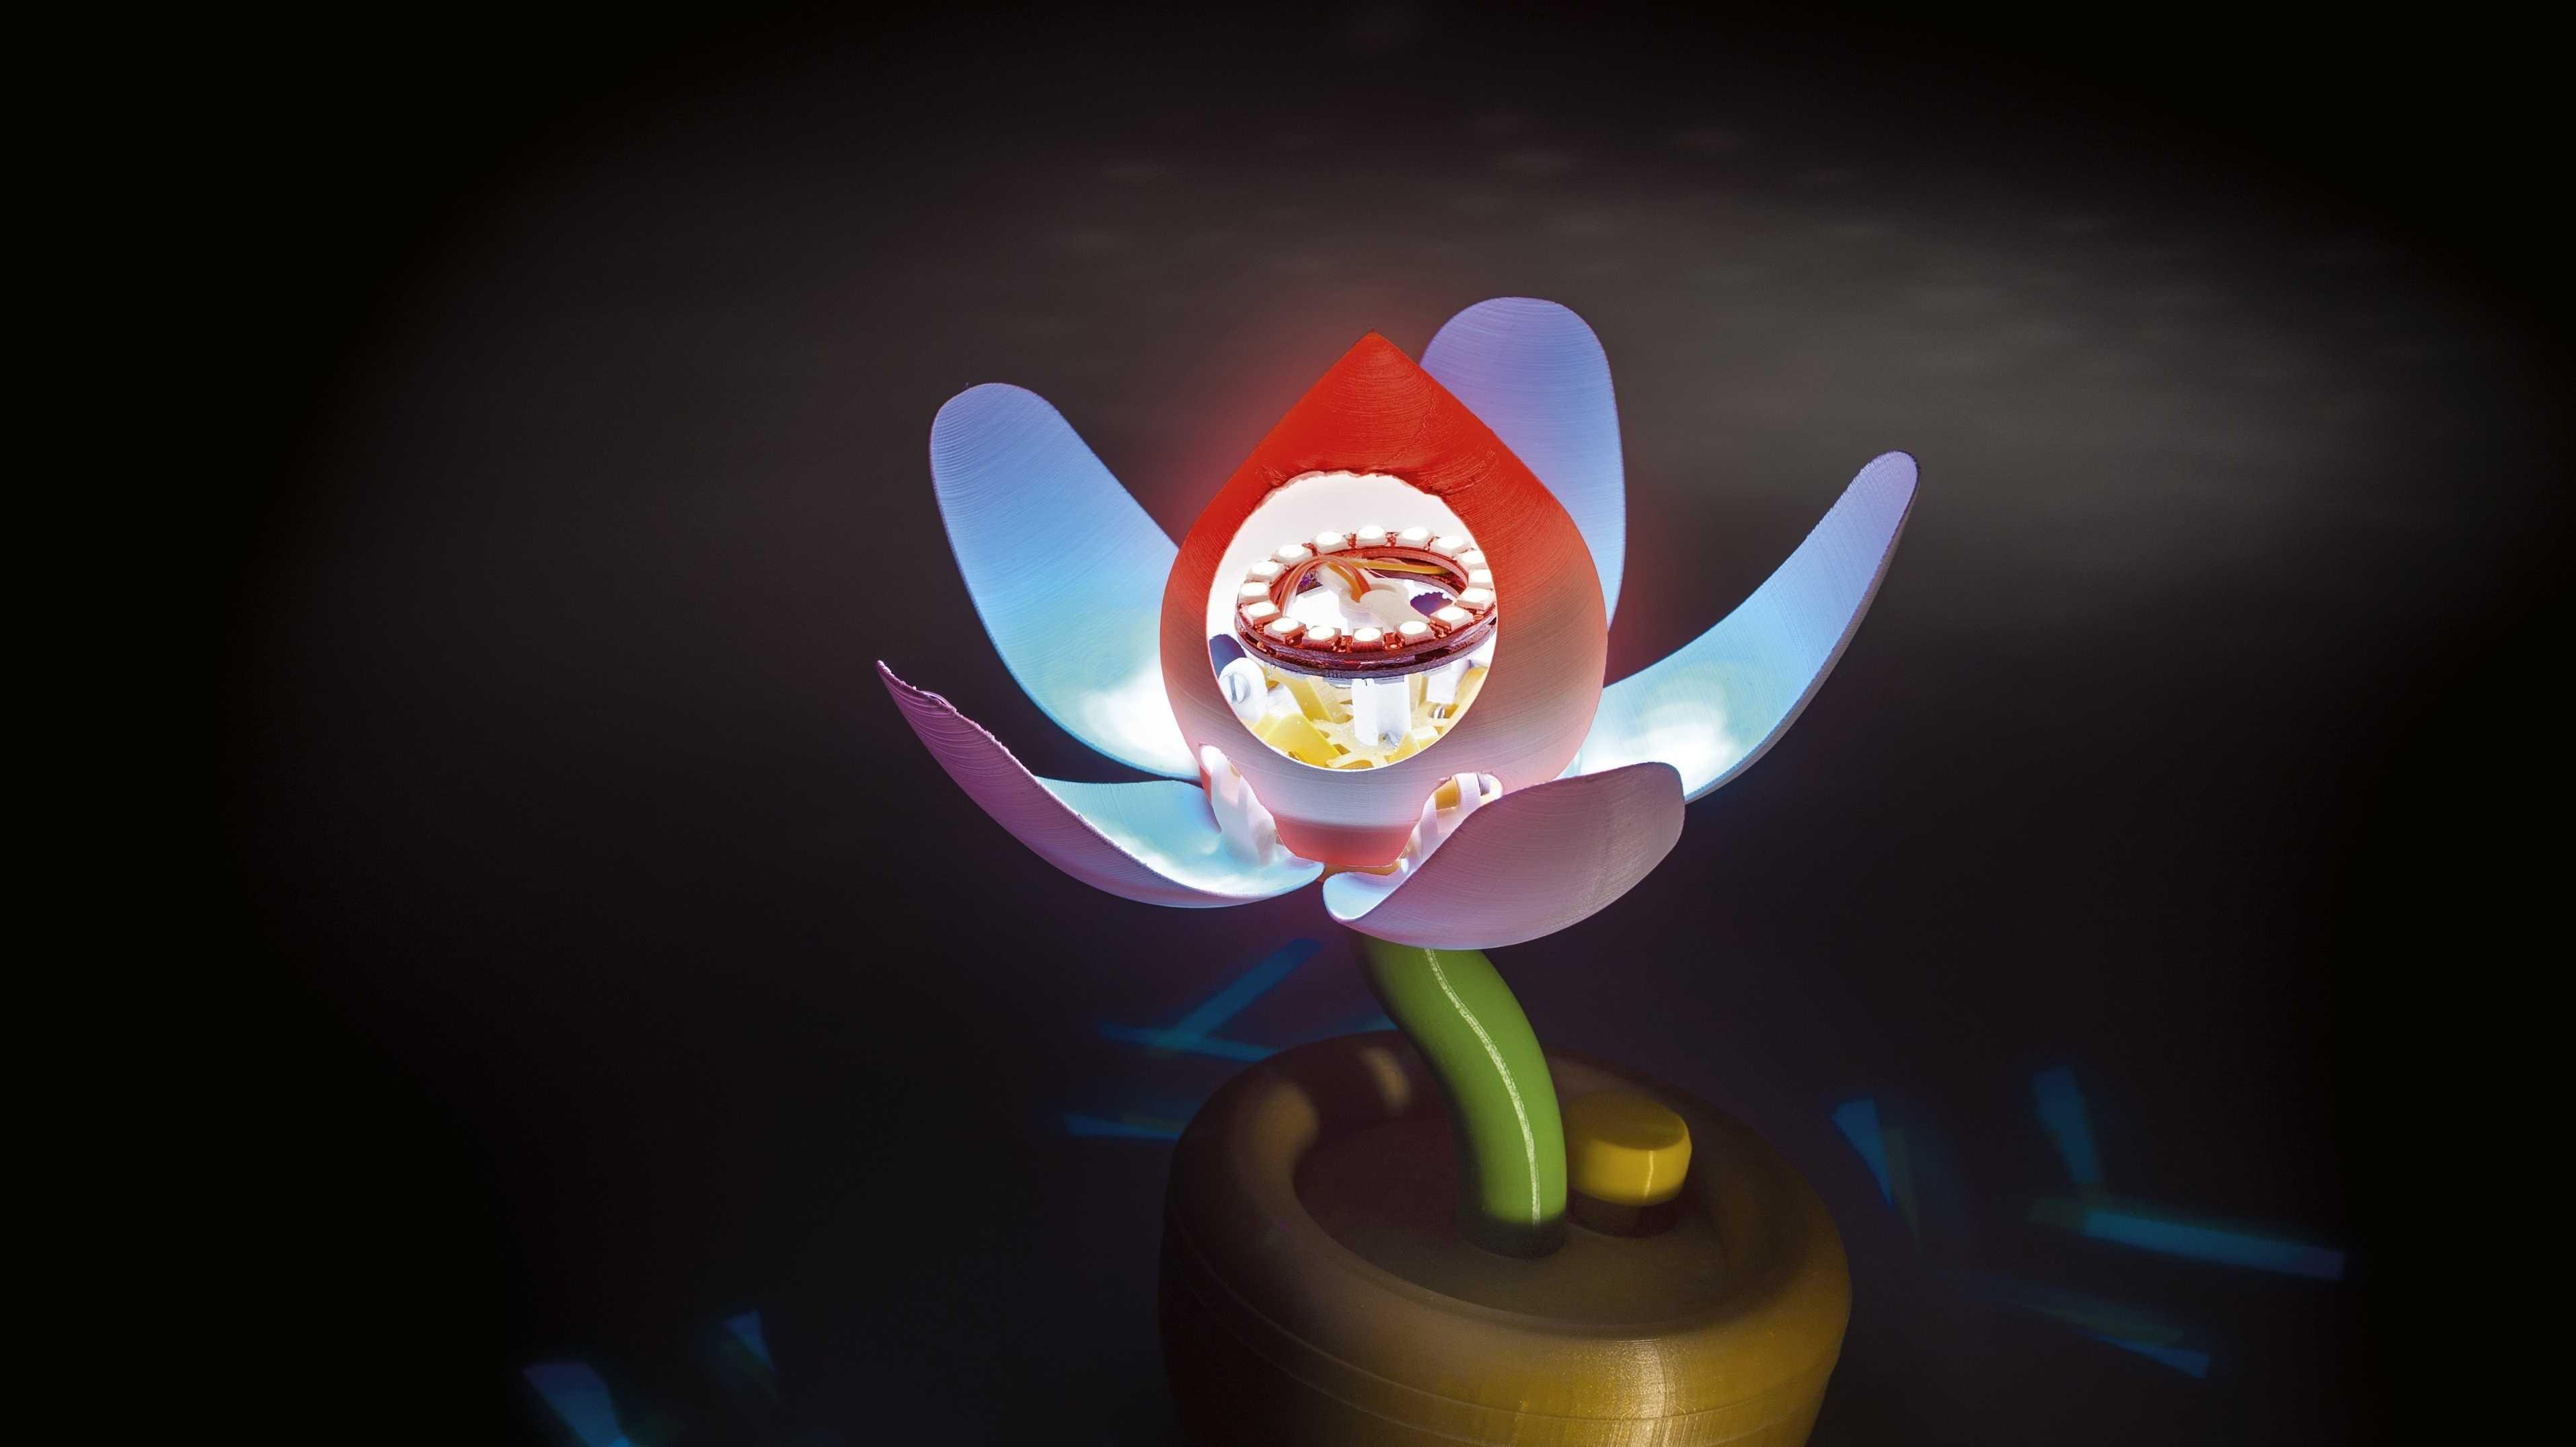 Eine Blume aus dem 3D-Drucker mit blau beleuchteten Blättern und rot beleuchteter Blüte